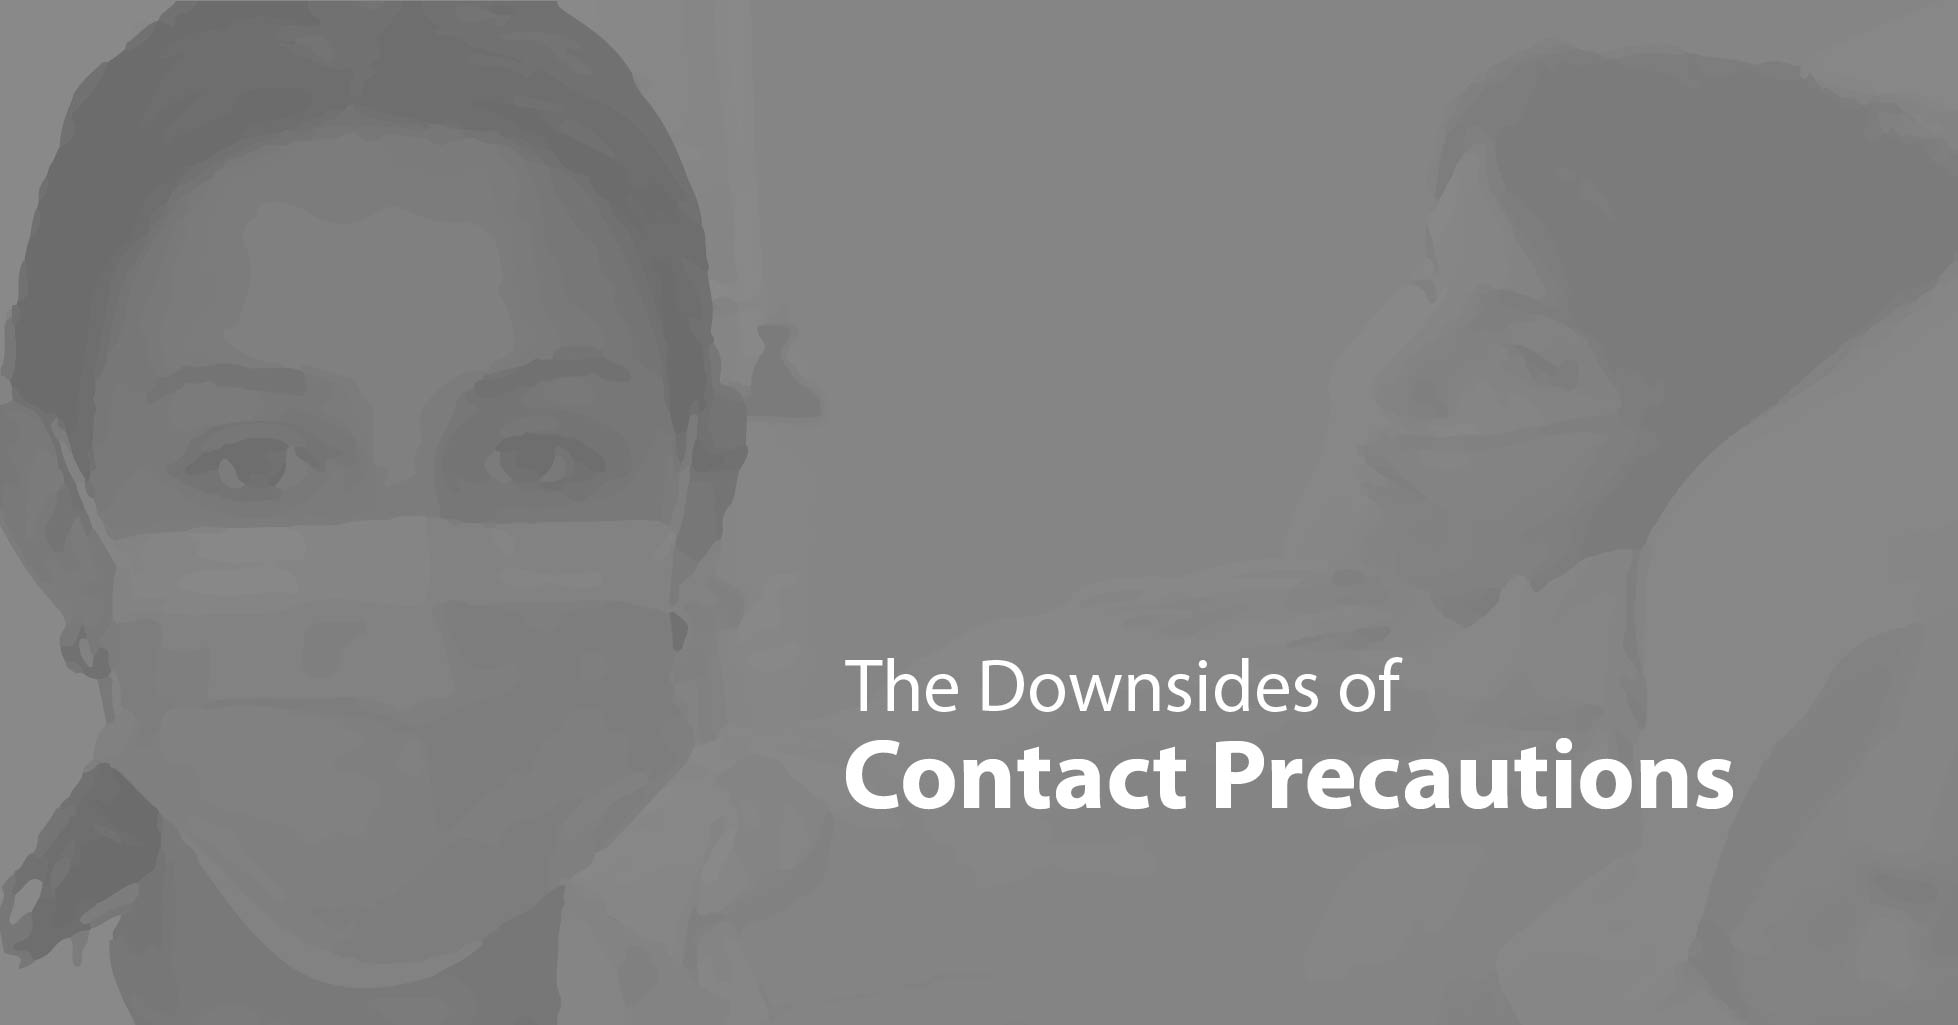 Burden contact precautions-01.jpg